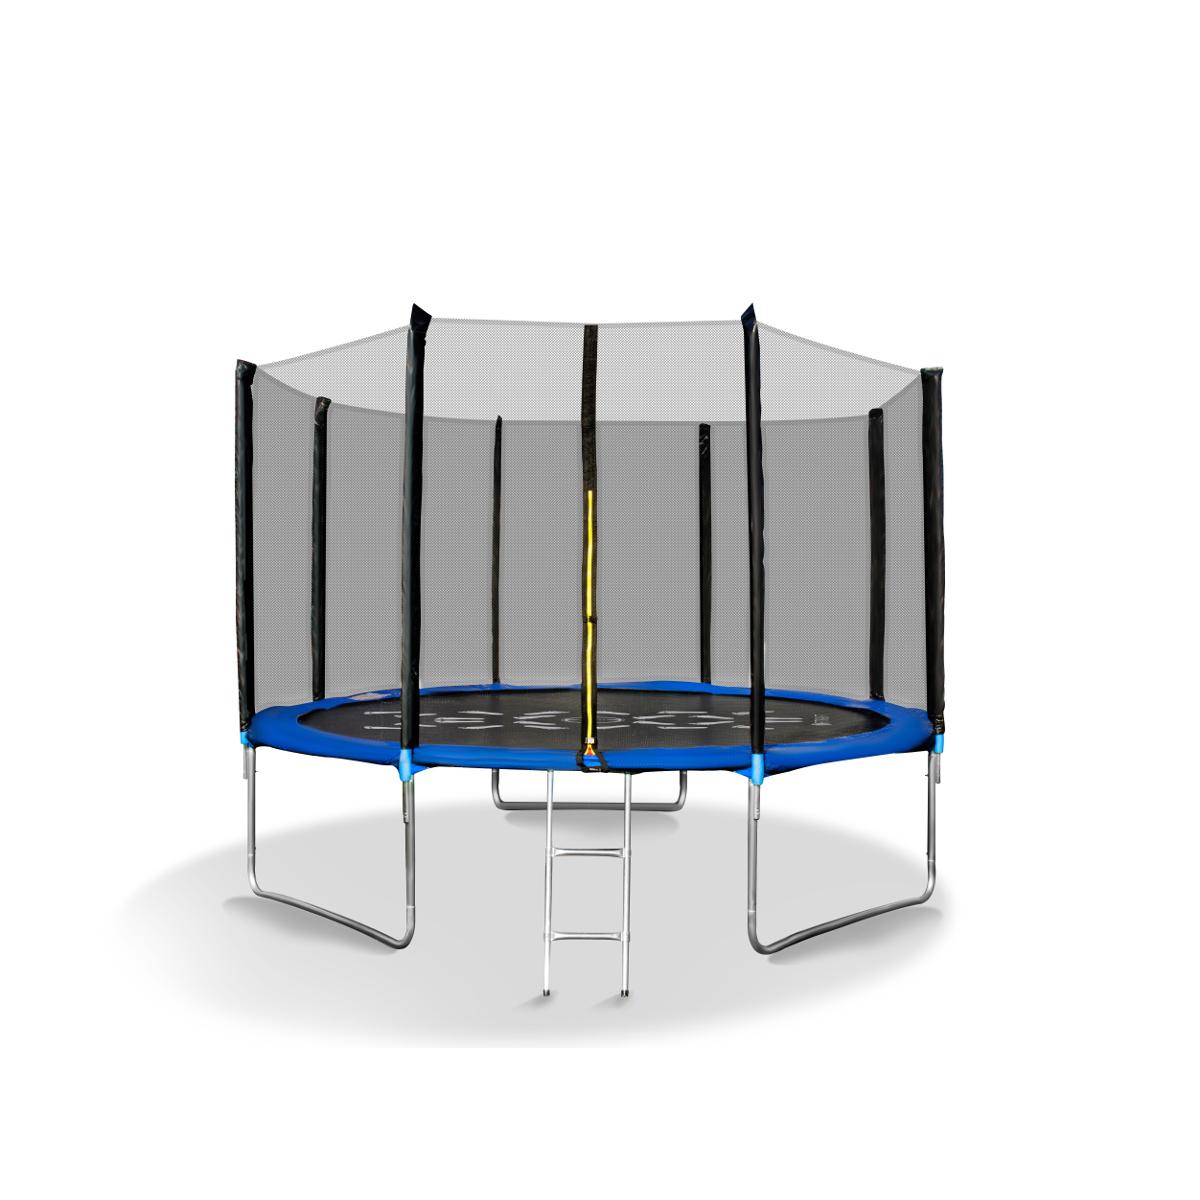 fitkraft gartentrampolin trampolin 305 cm mit netz und. Black Bedroom Furniture Sets. Home Design Ideas